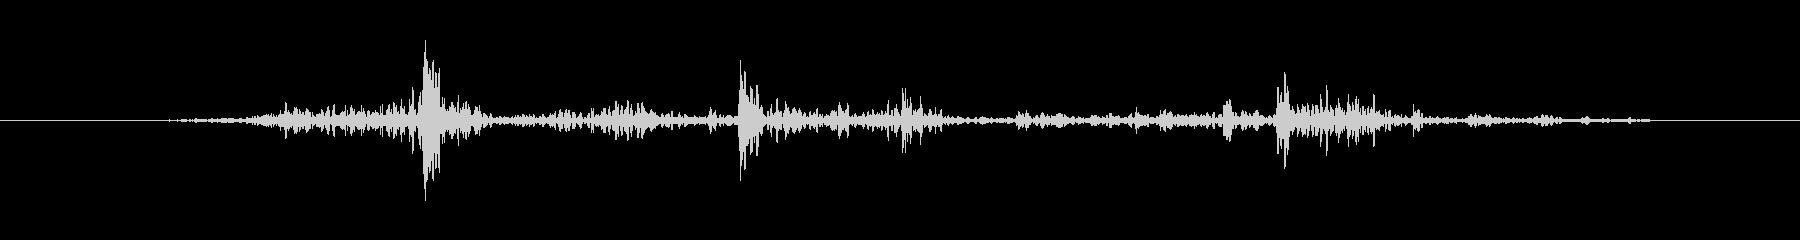 フラグ ミディアムフラップ03の未再生の波形